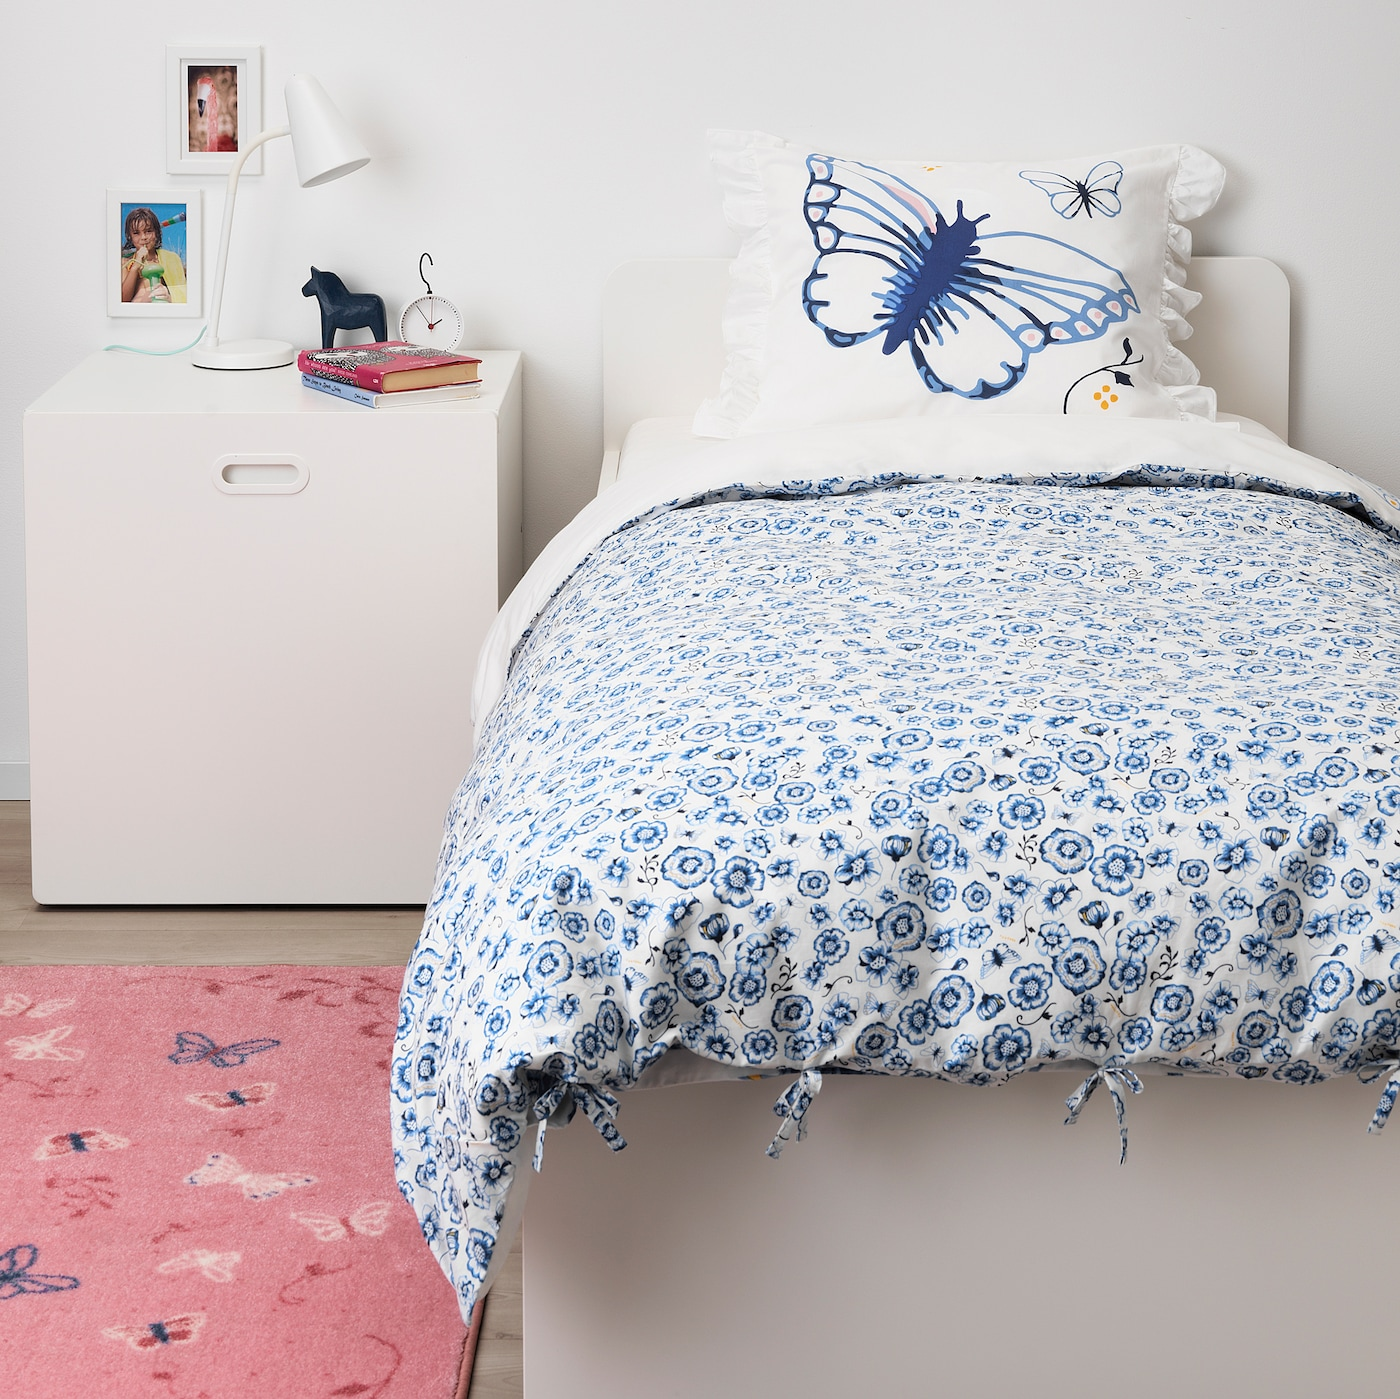 IKEA sommarmalva Queen housse de couette avec 2 taies Blanc Gris Foncé Papillons